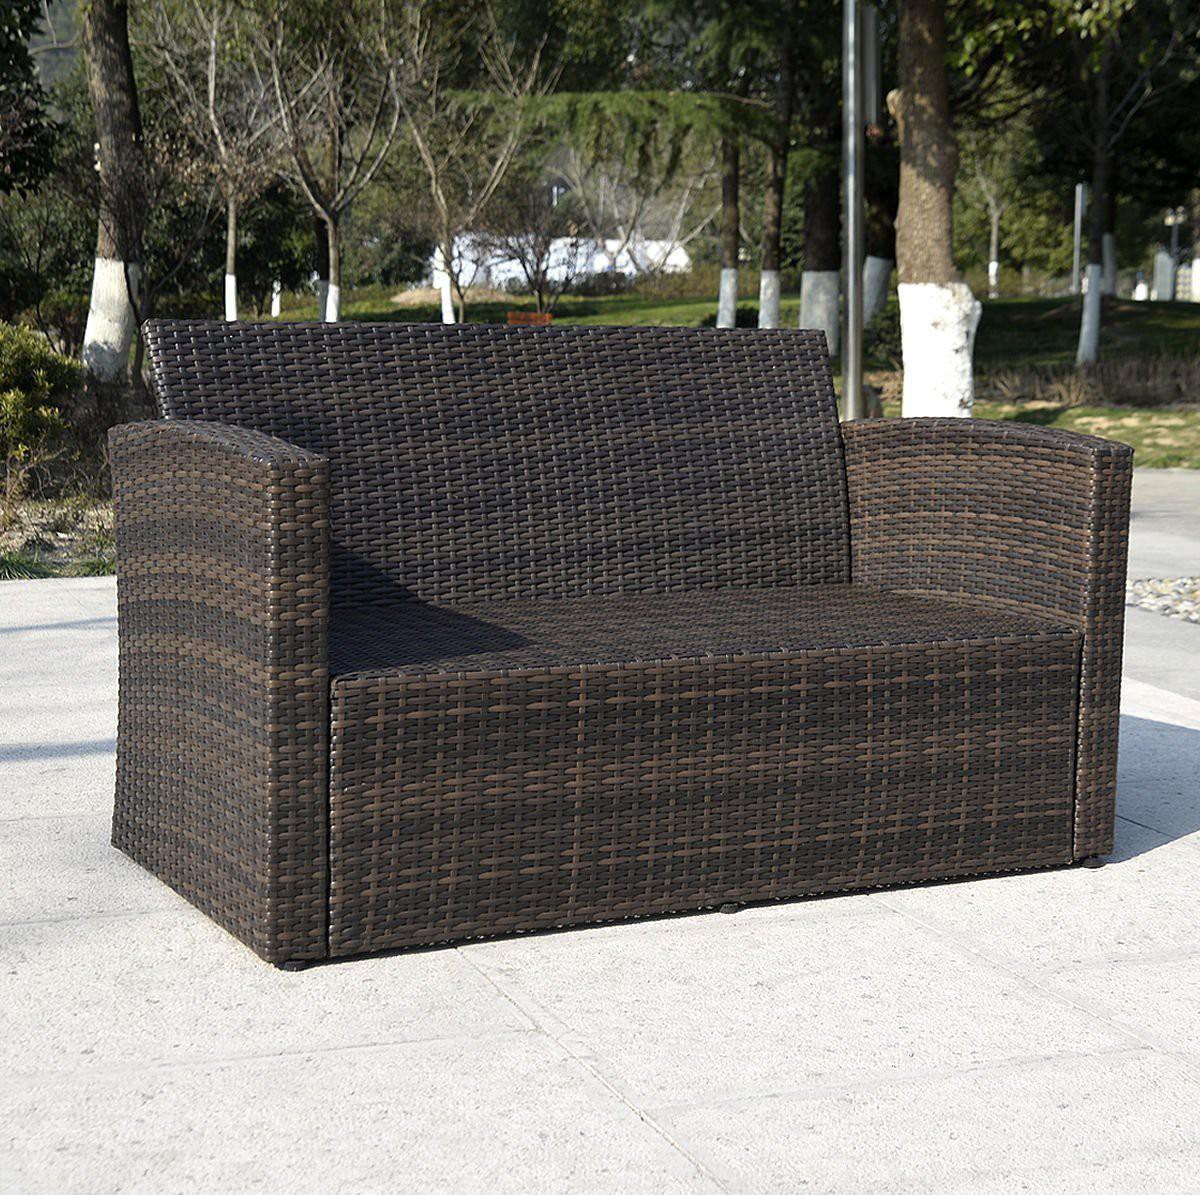 giantex 4pc wicker sofa outdoor patio